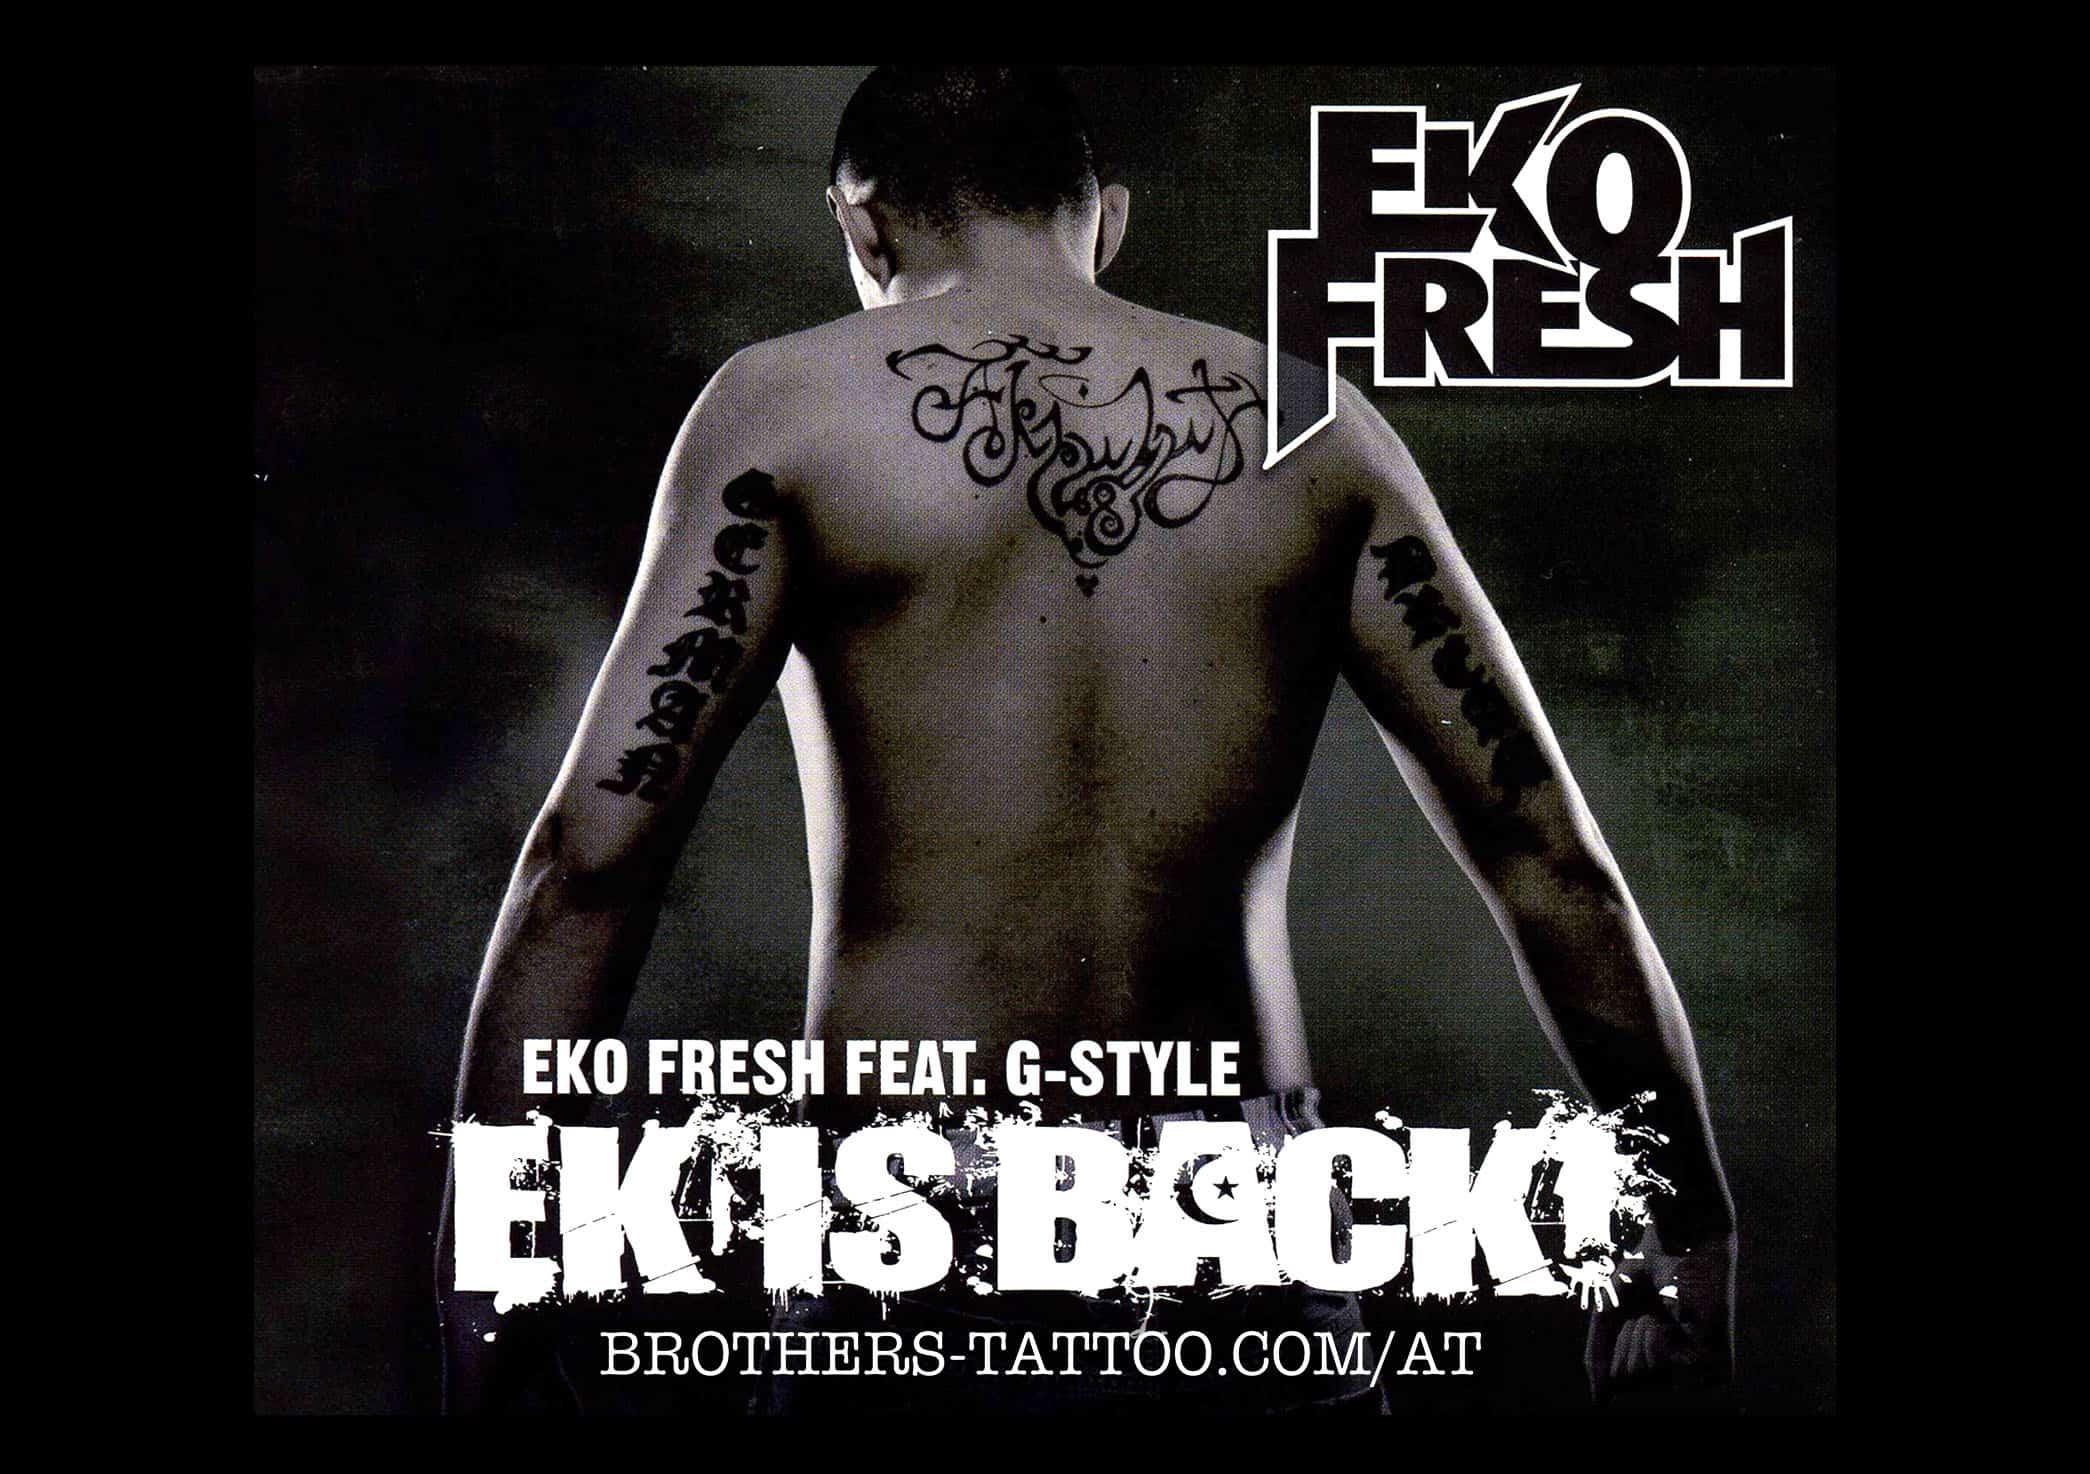 Eko Fresh feat G-Style CD-Cover mit tätowierungen am Rücken